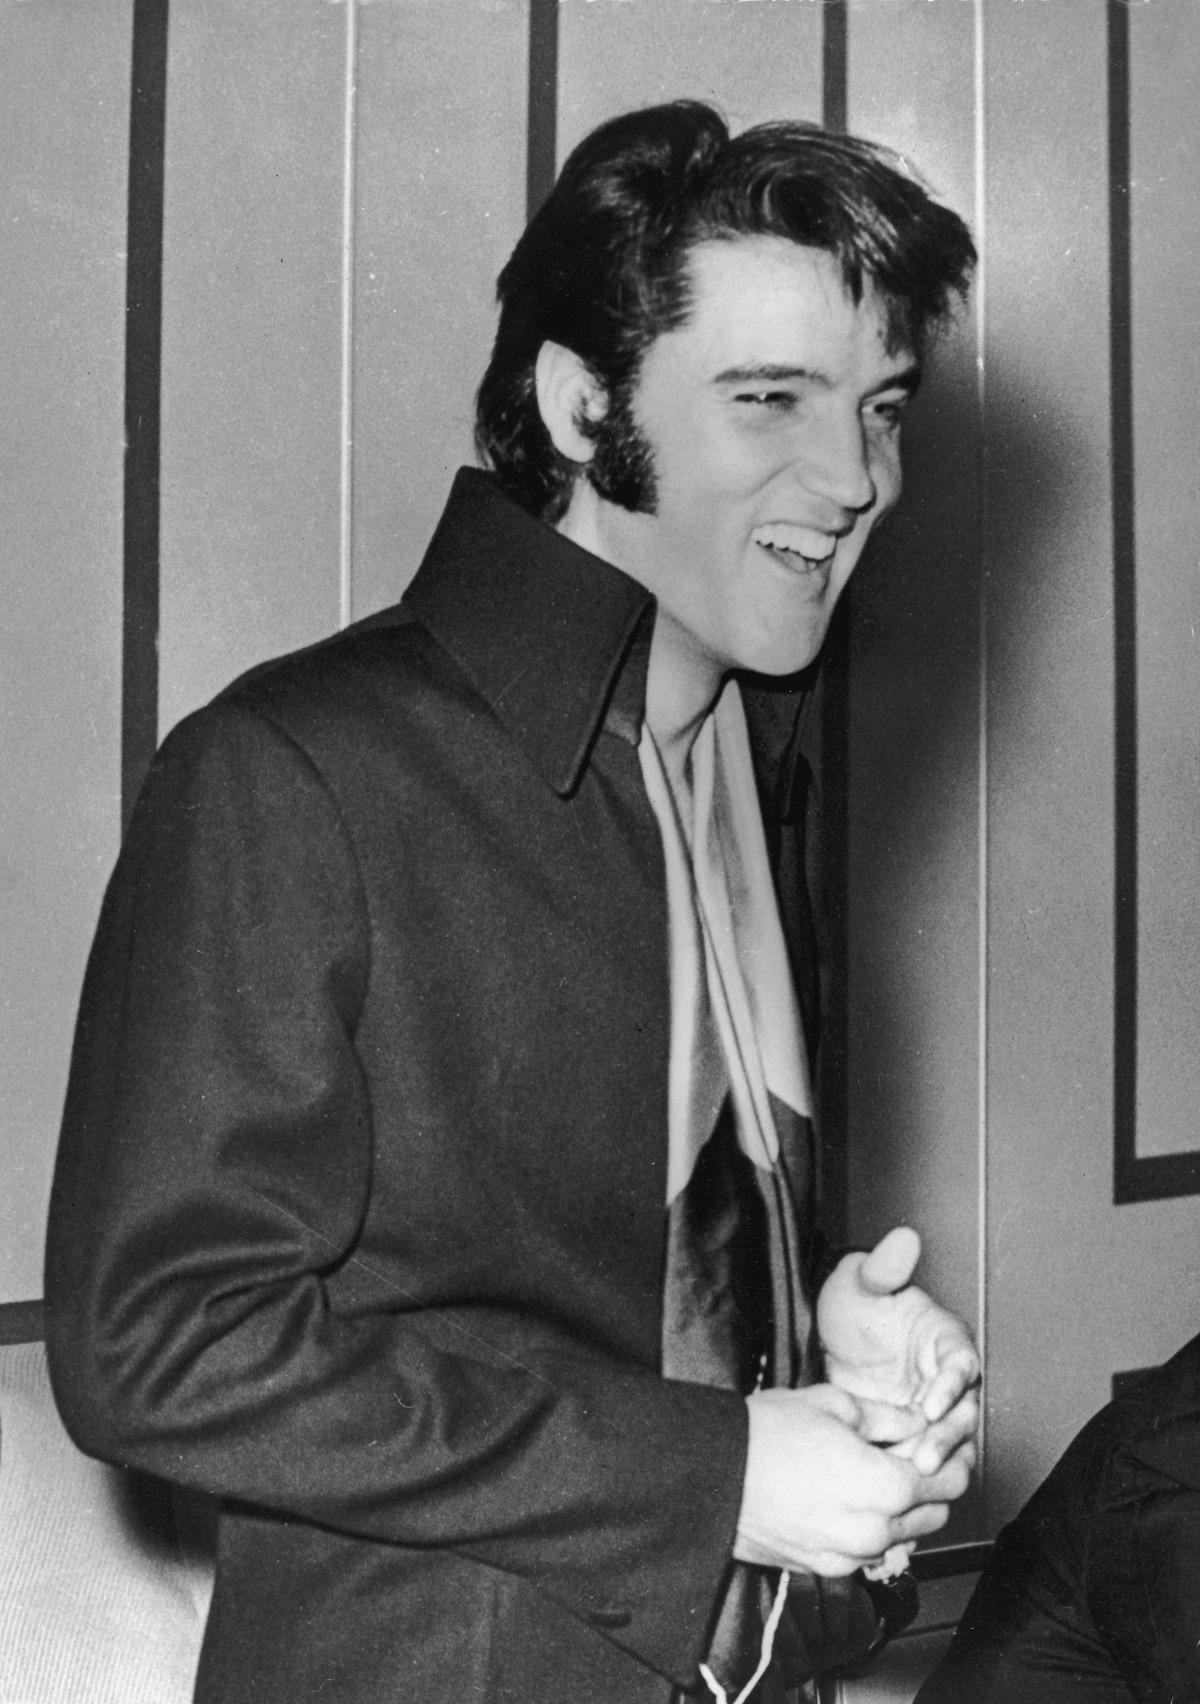 Elvis Presley in 1972